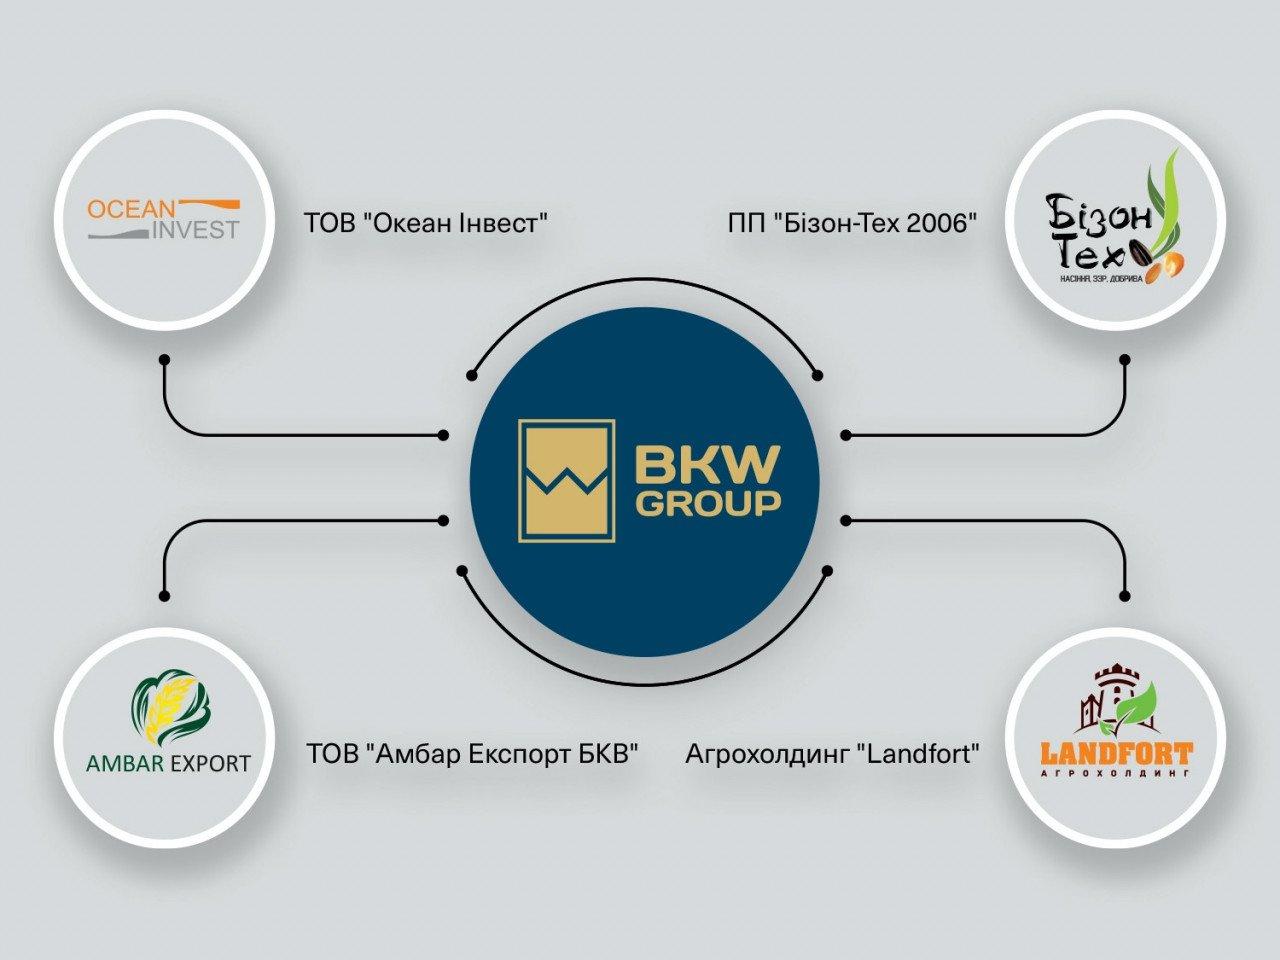 Бизон-Тех включен в структуру BKW Group